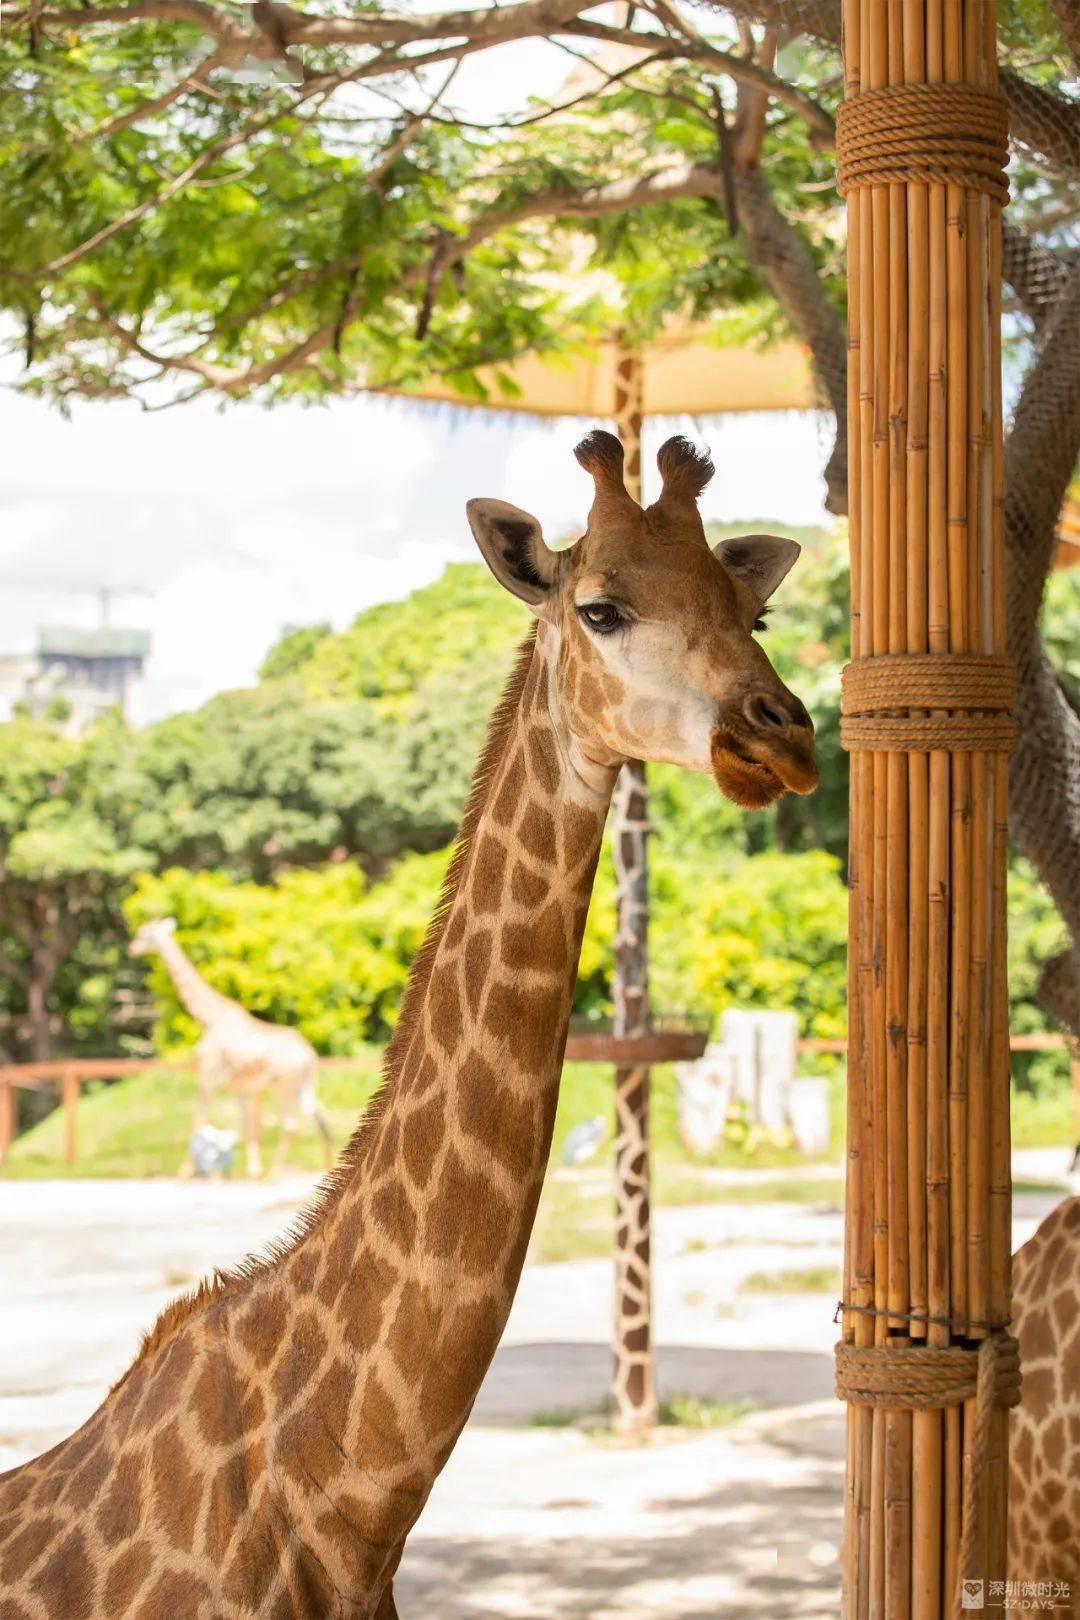 240元一张门票,深圳野生动物园值得去吗?